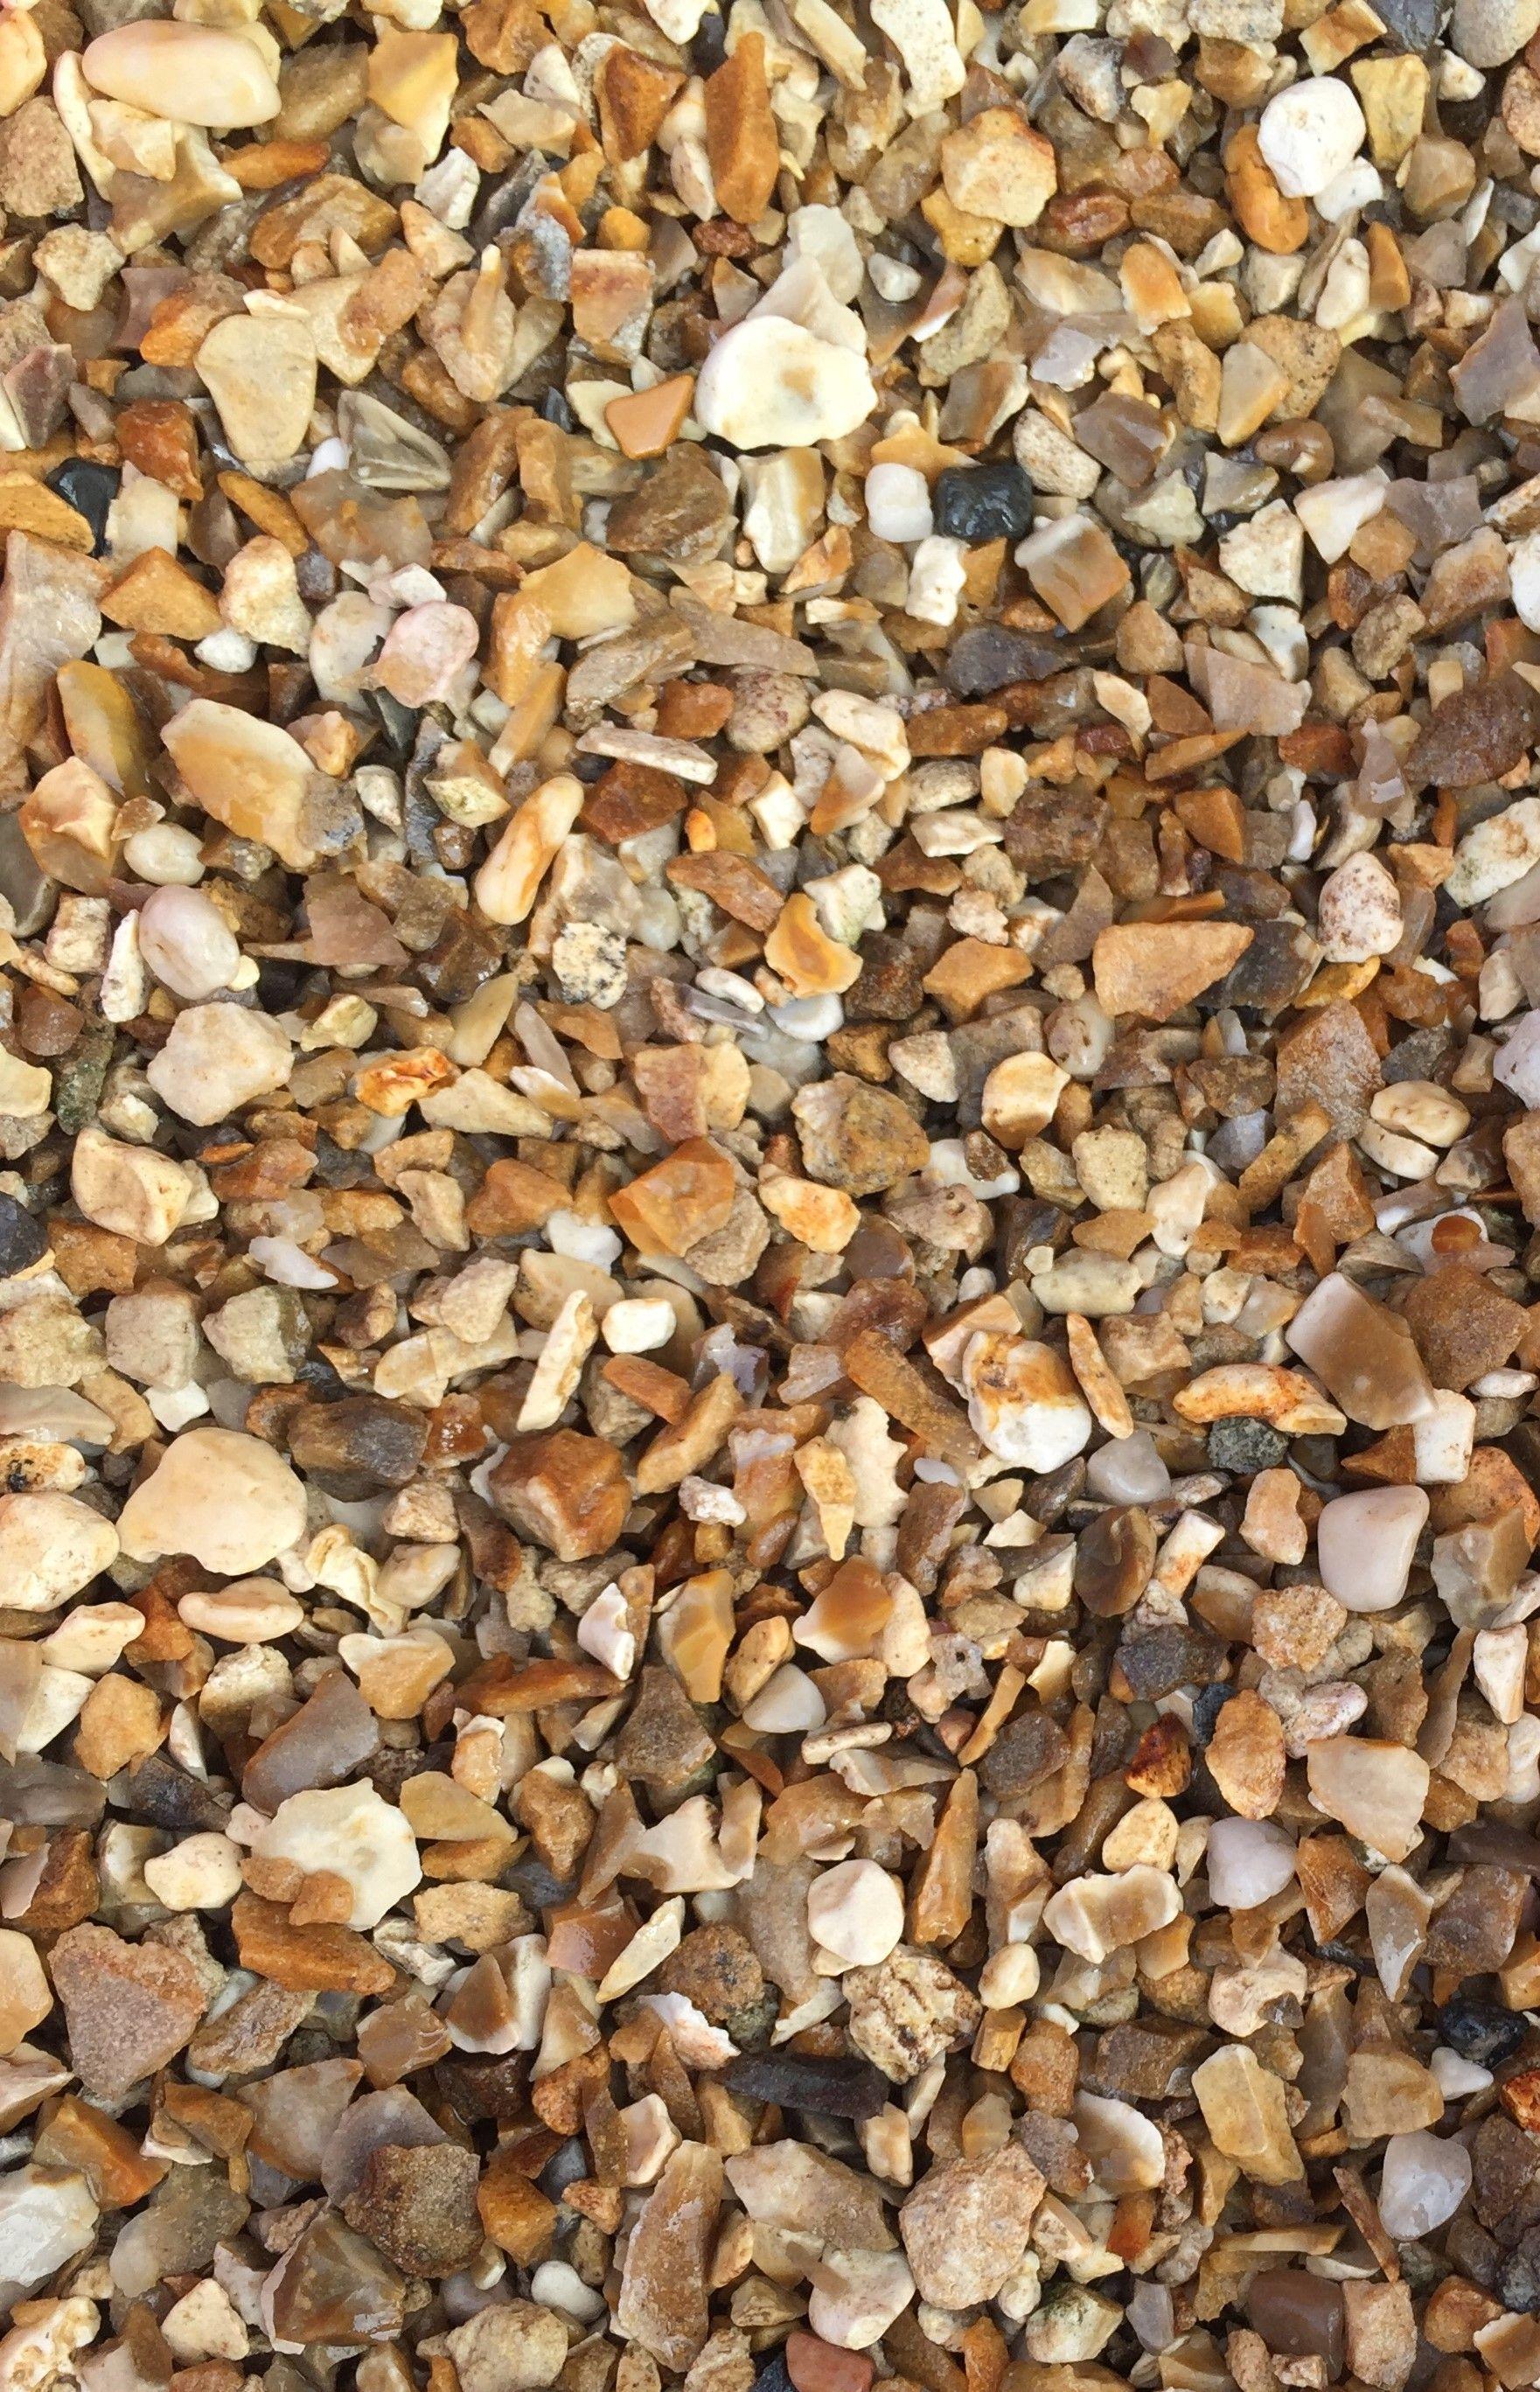 kebur shingle gravel decor decorative product